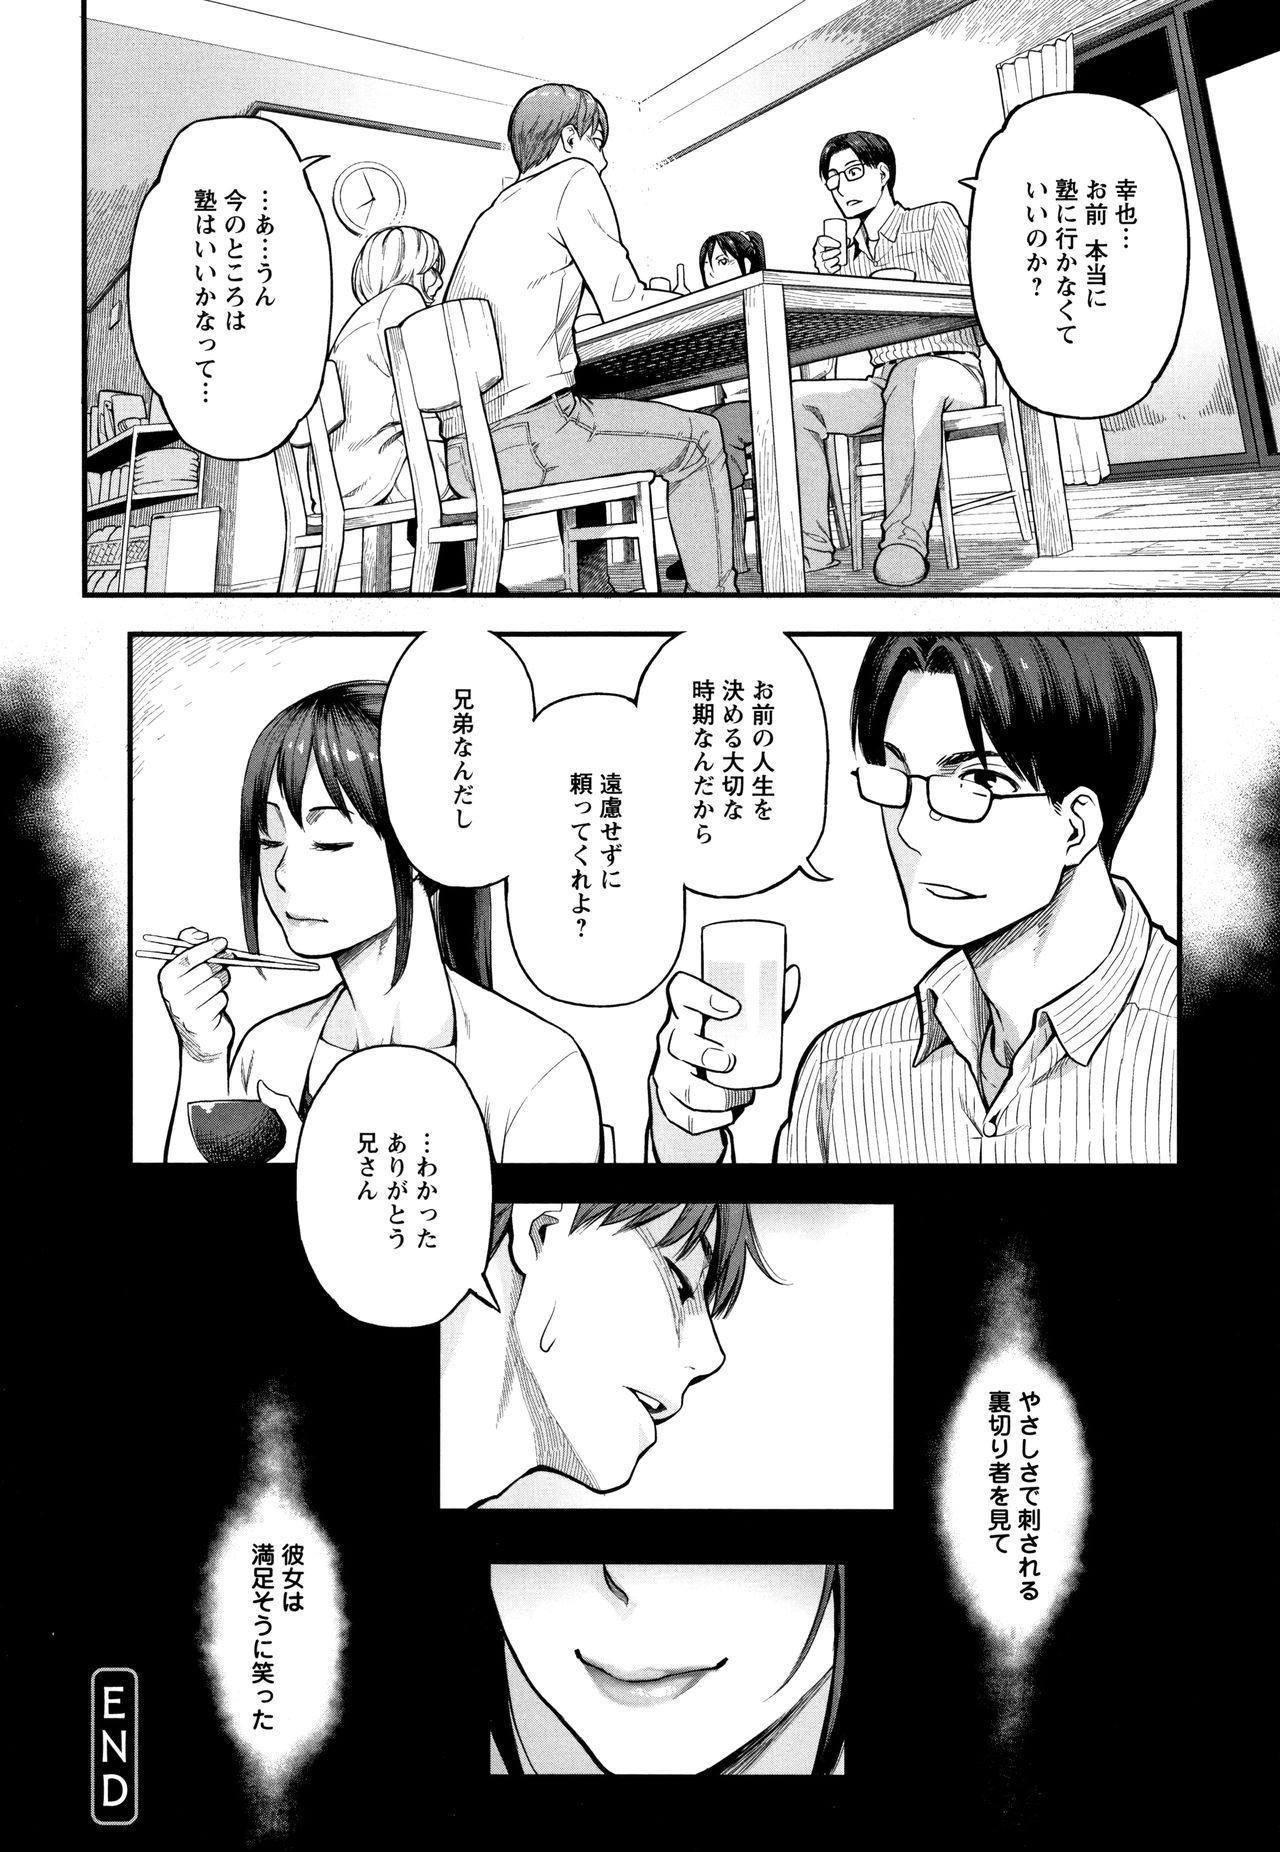 Toketa Risei wa Biyaku no Kaori 22